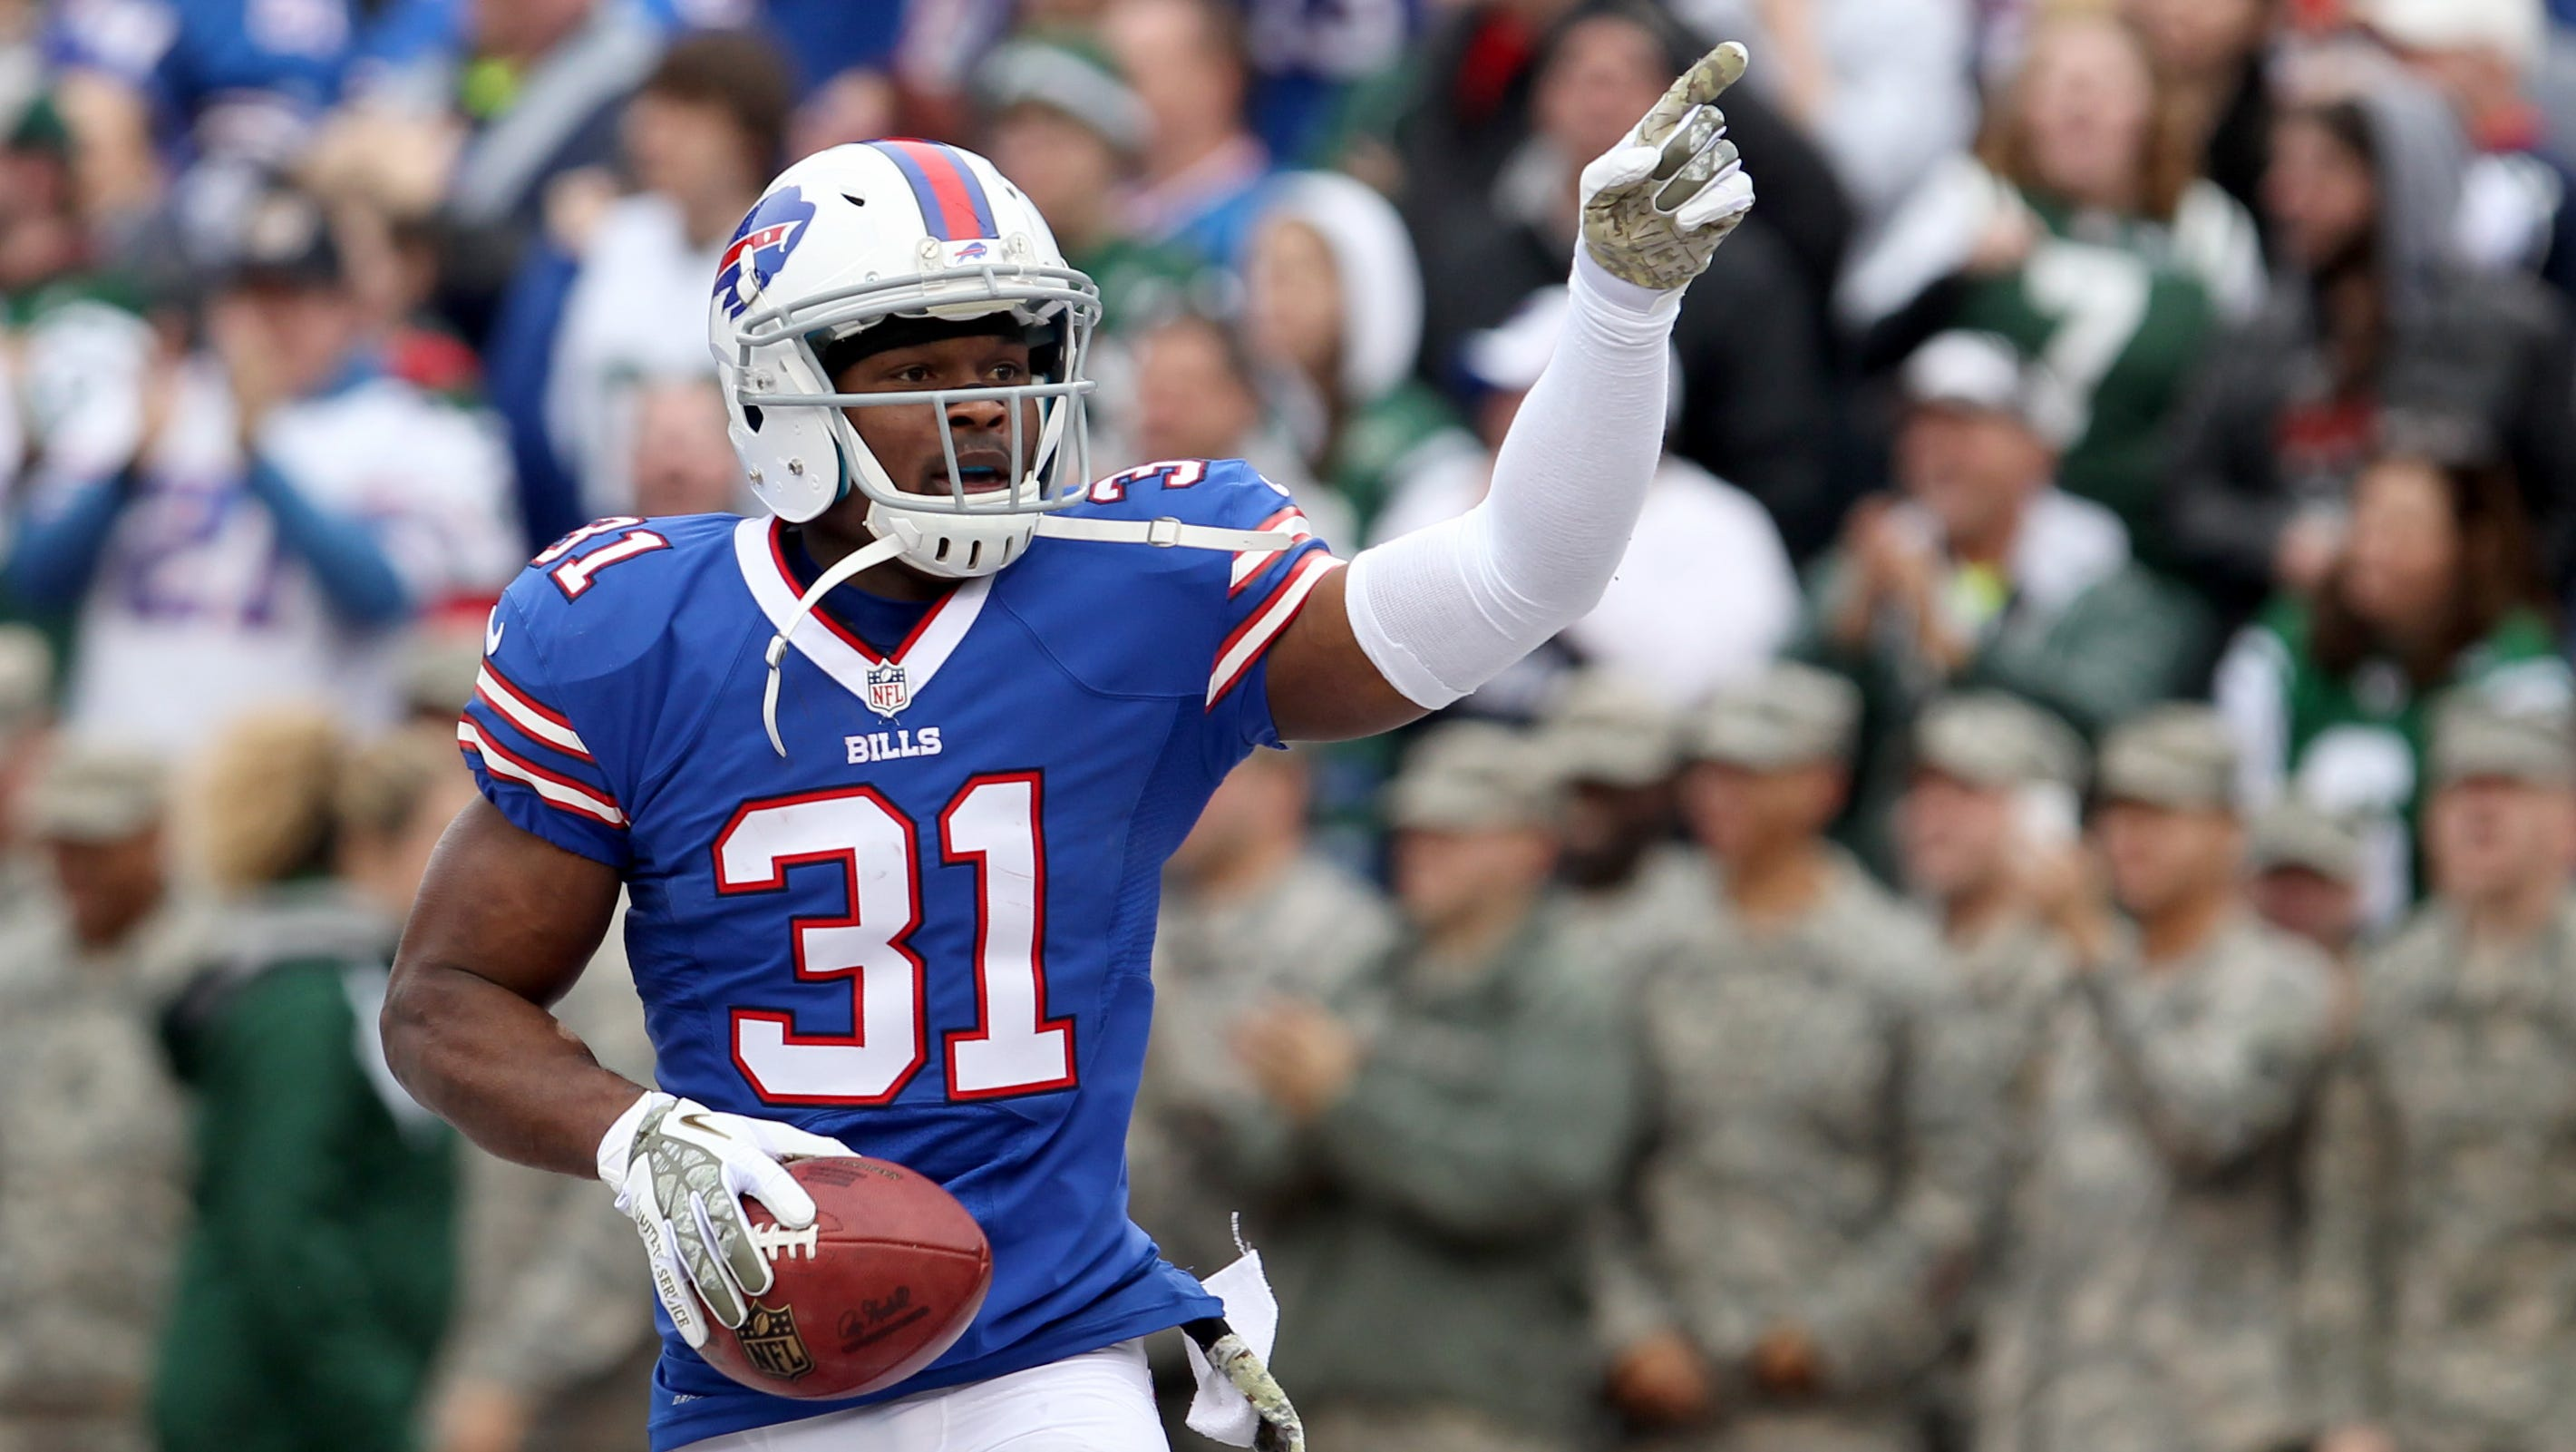 Bills' free agent outlook: Best to resolve Jairus Byrd's status ...